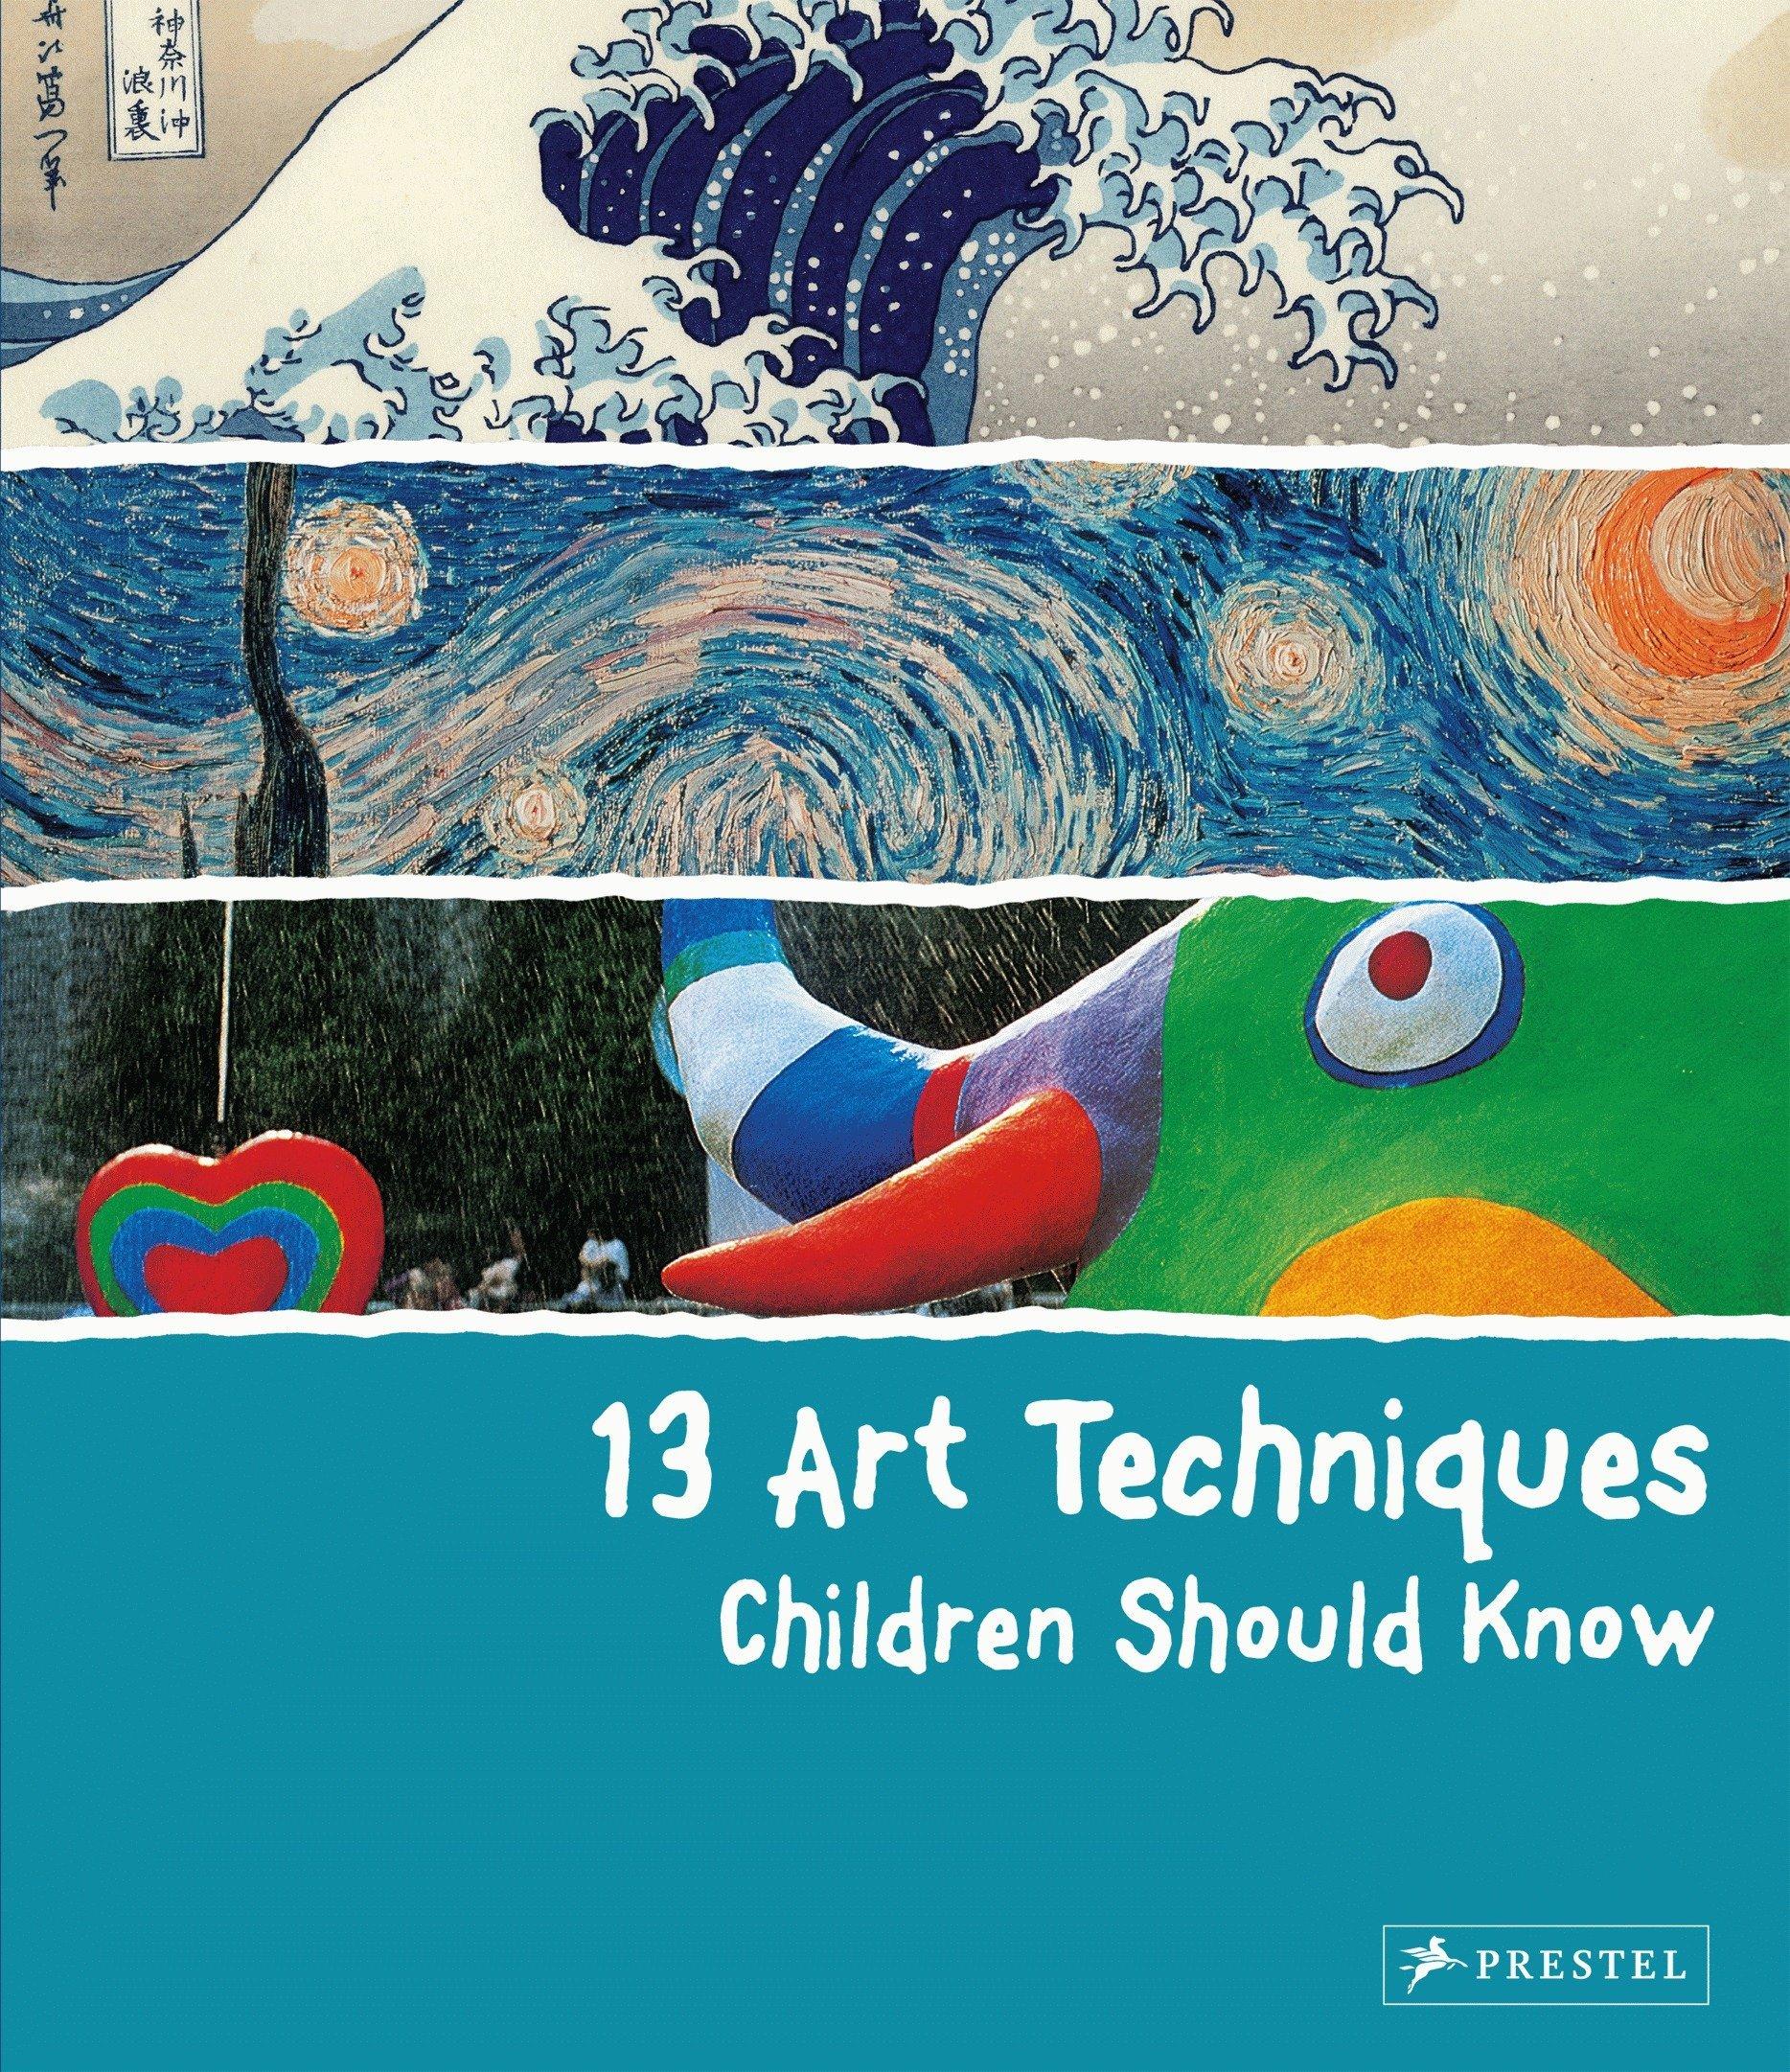 13 Art Techniques Children Should Know